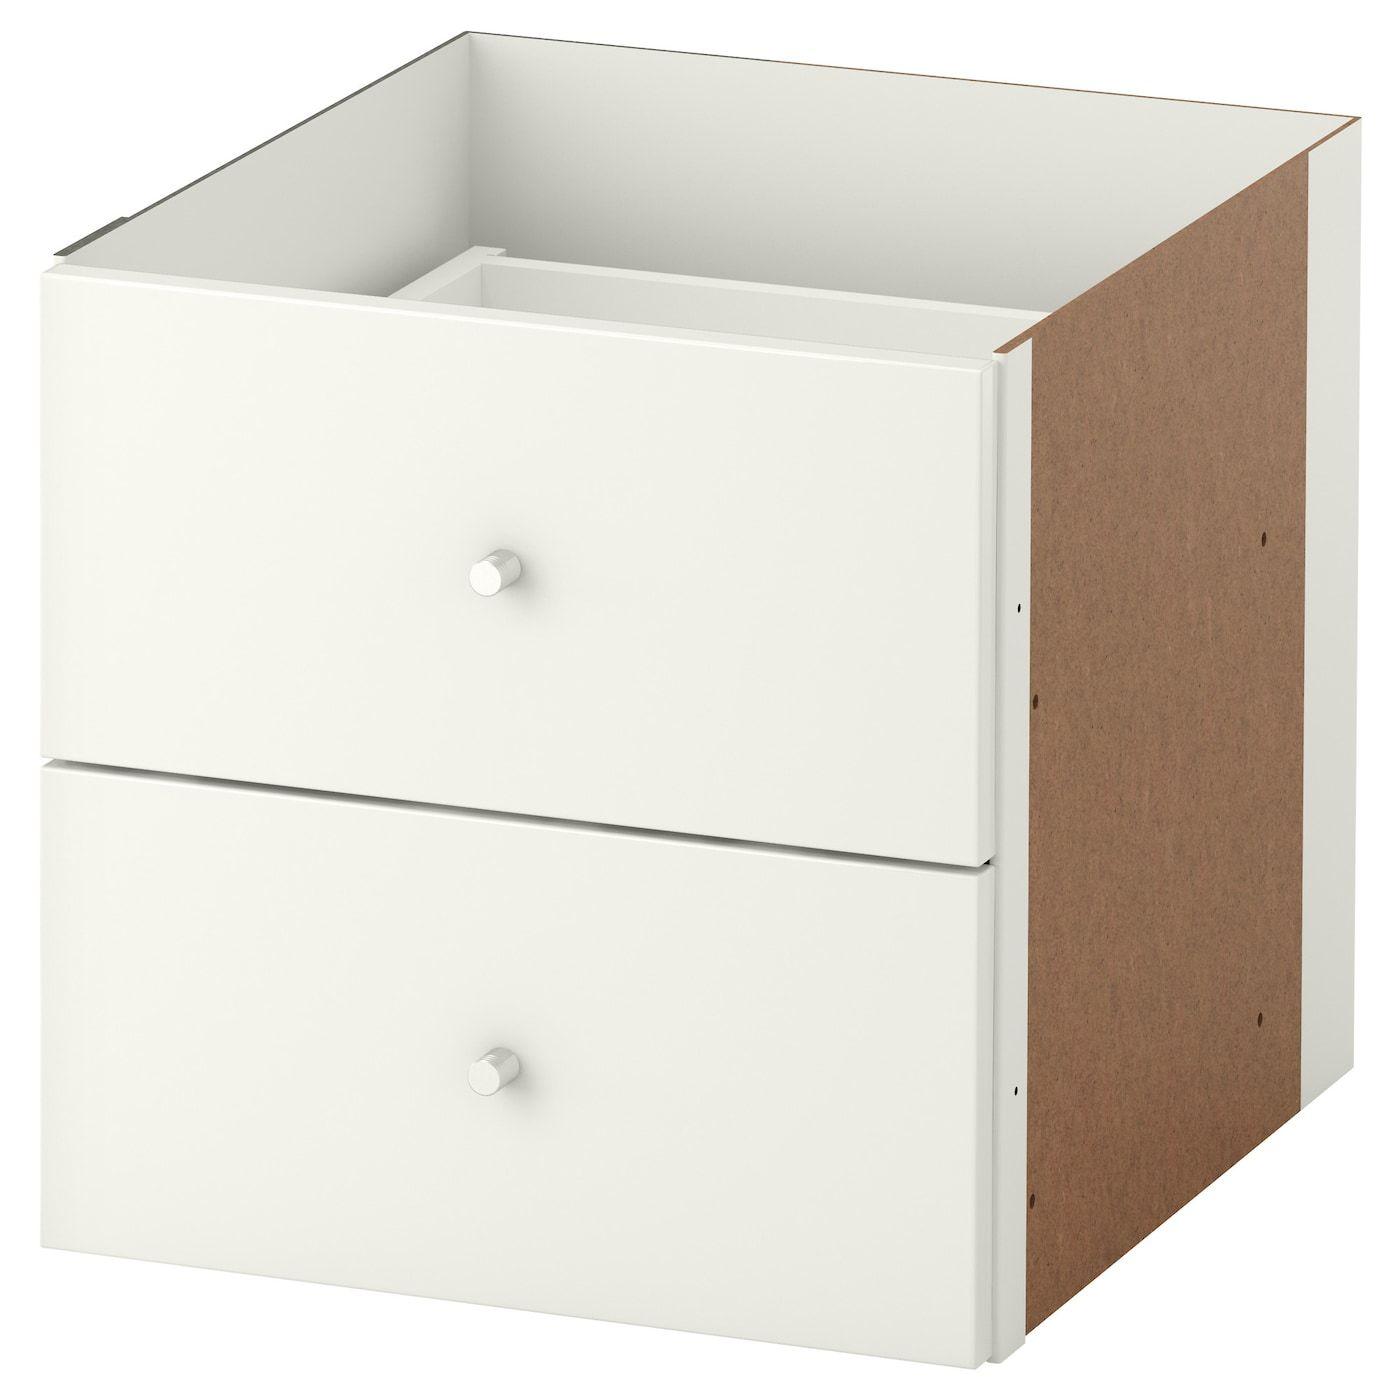 Ikea Kallax Einsatz